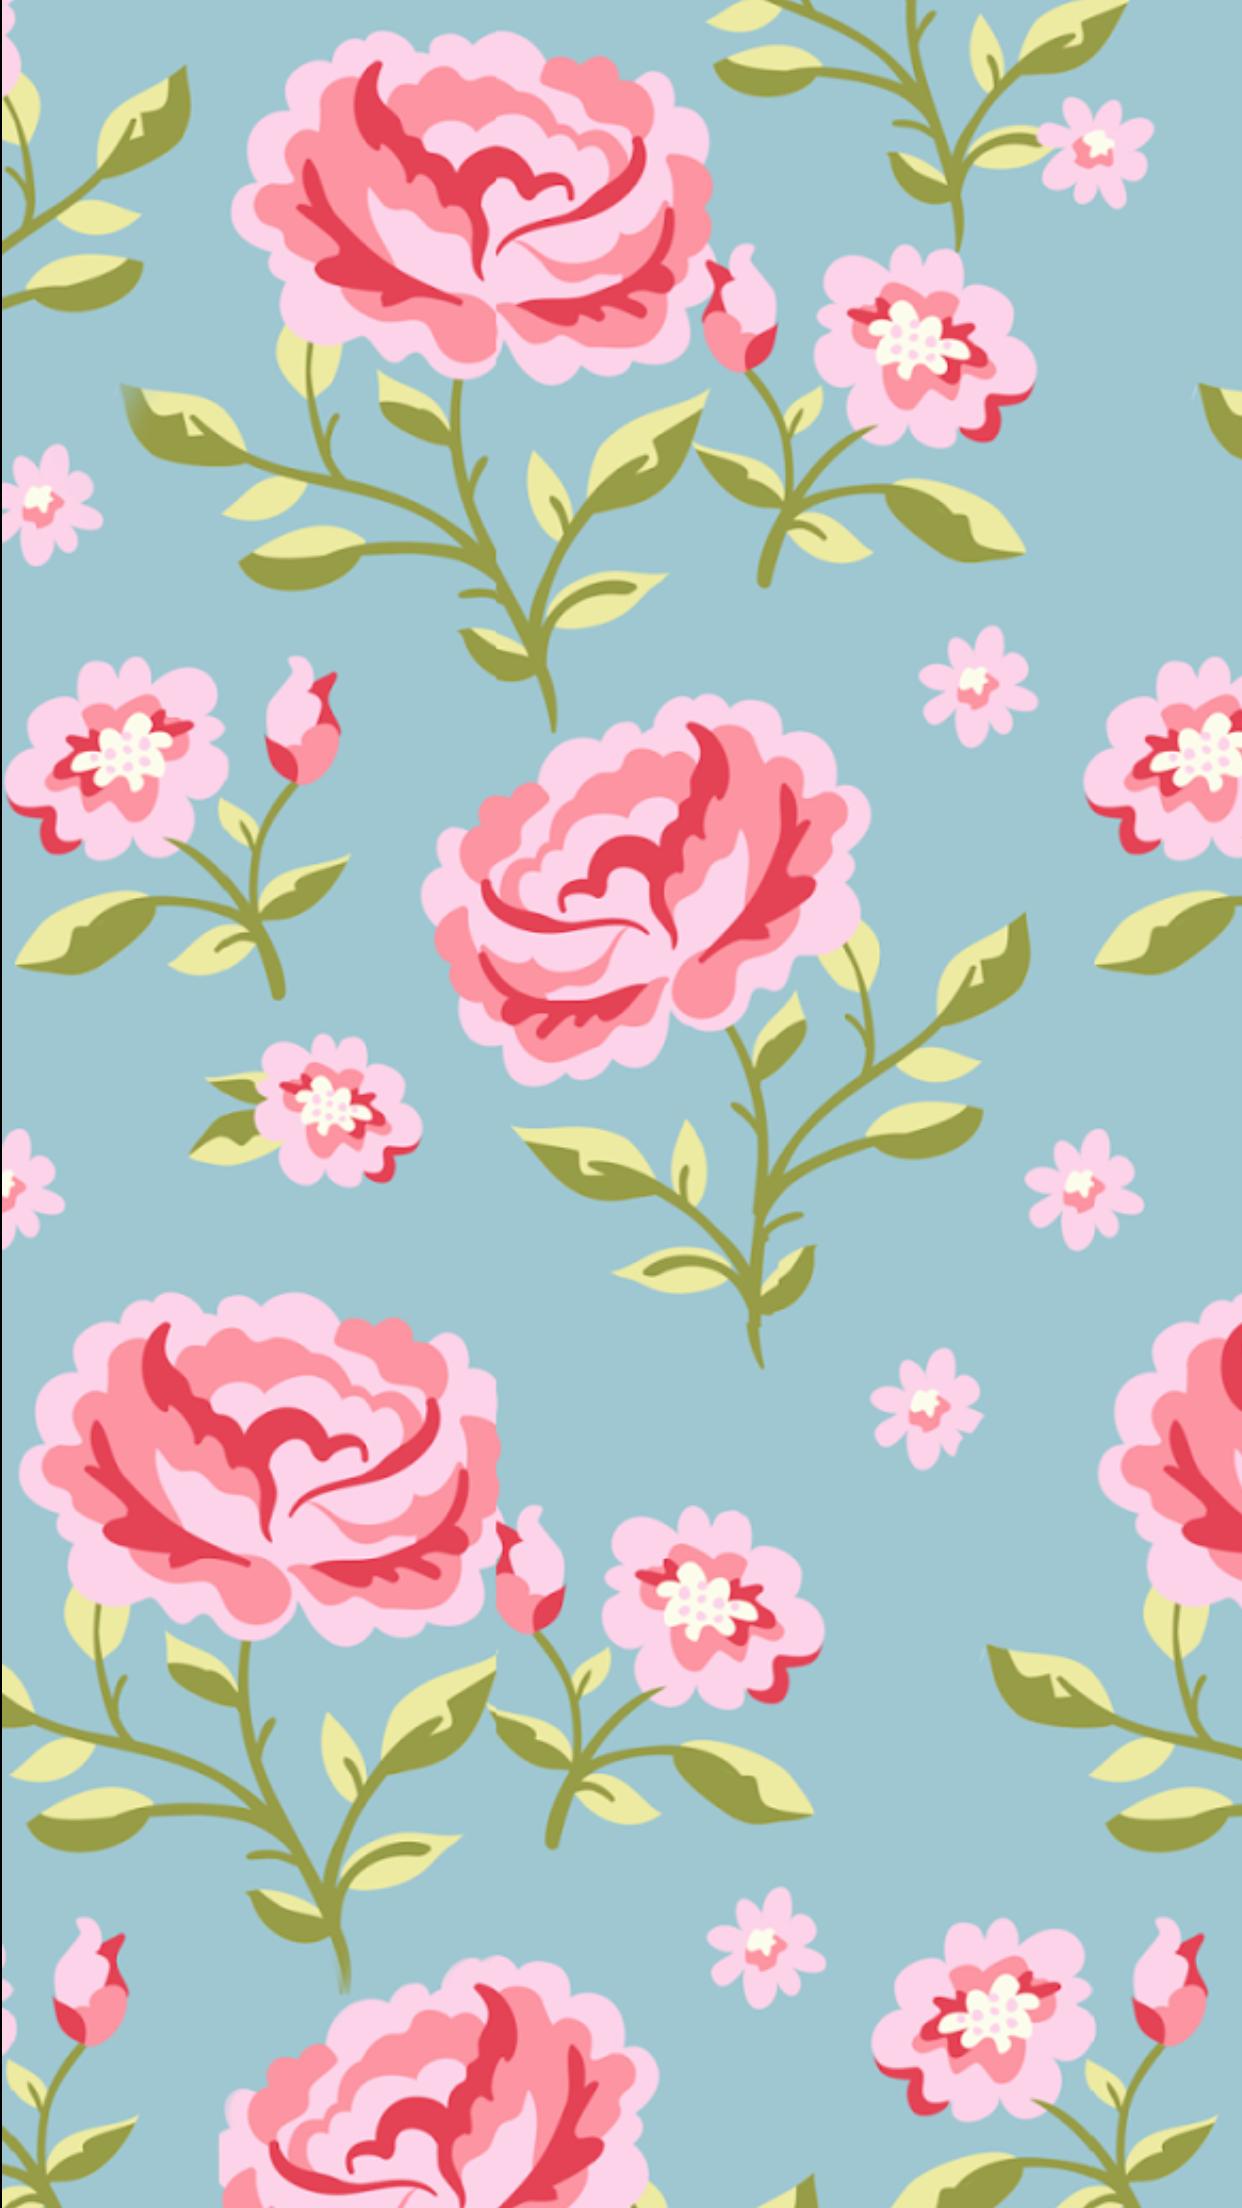 Most Inspiring Wallpaper Home Screen Cute - f7de0c805b8121bc4c9bbcd46978bb20  Trends_80713.png